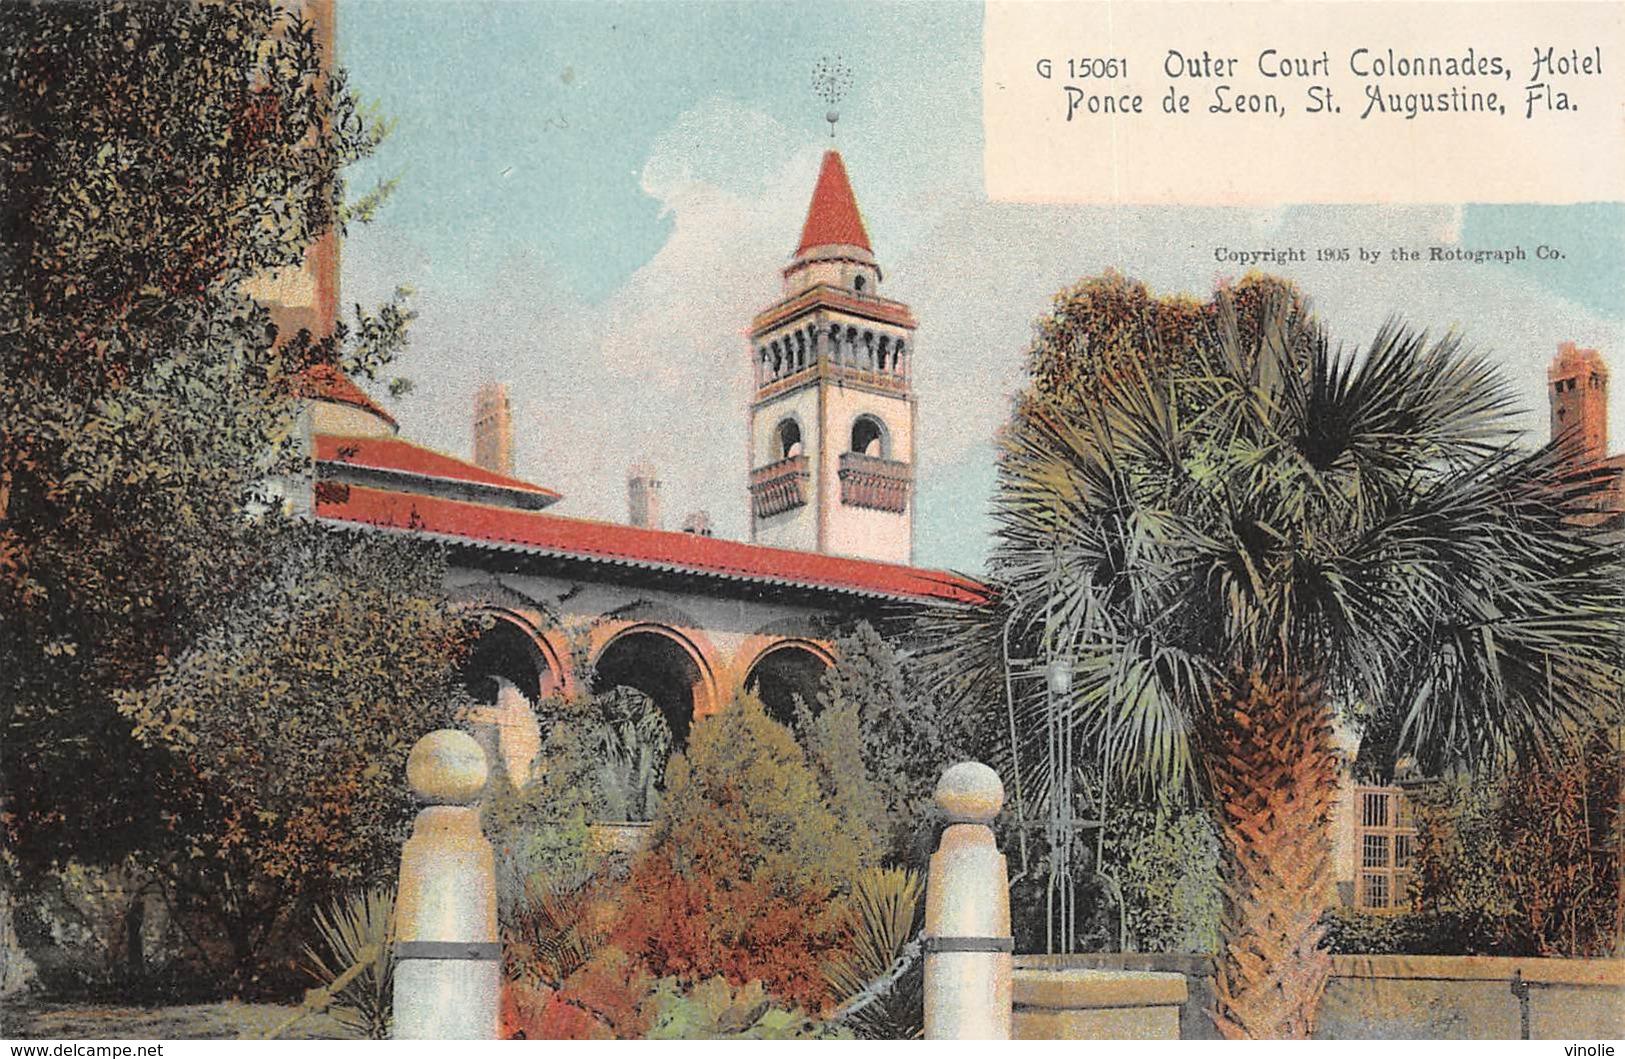 A-19-2505 : SAINT AUGUSTINE. OUTER COURT COLONNADES. HOTEL DE  PONCE DE LEON. - St Augustine